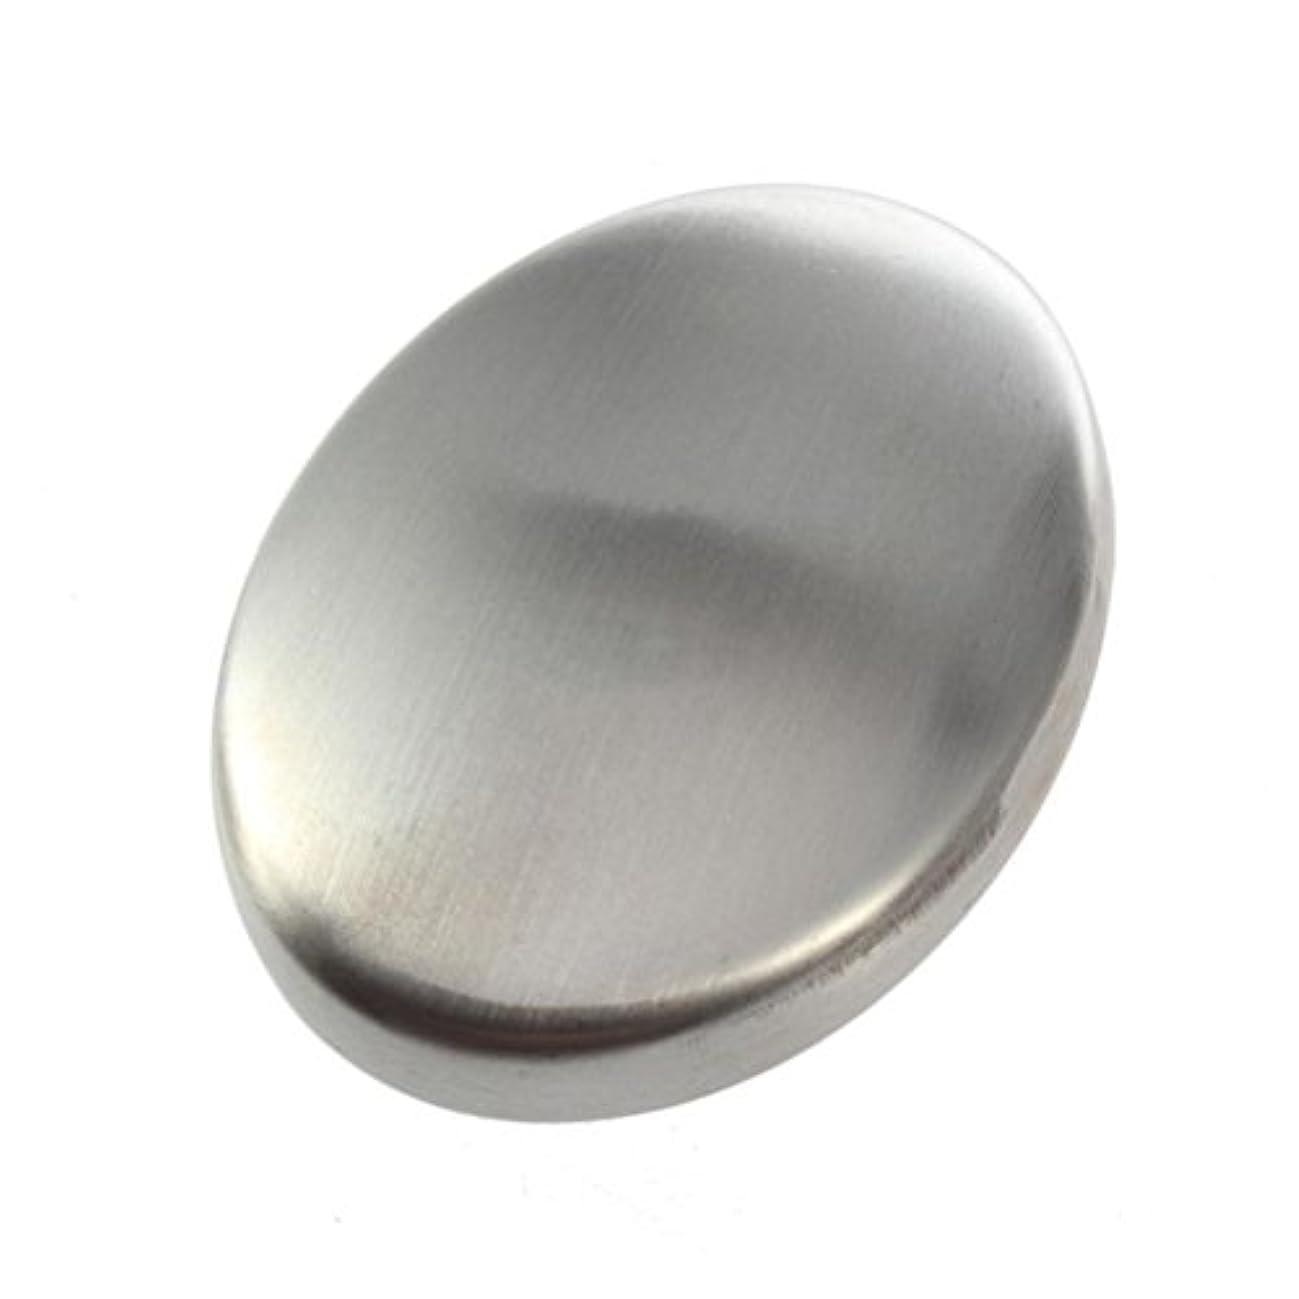 悪用強制ダブルFlybloom ステンレス鋼の石鹸の臭気は容易な速く除去の臭いの台所棒楕円形の石鹸のための石鹸を取除きます